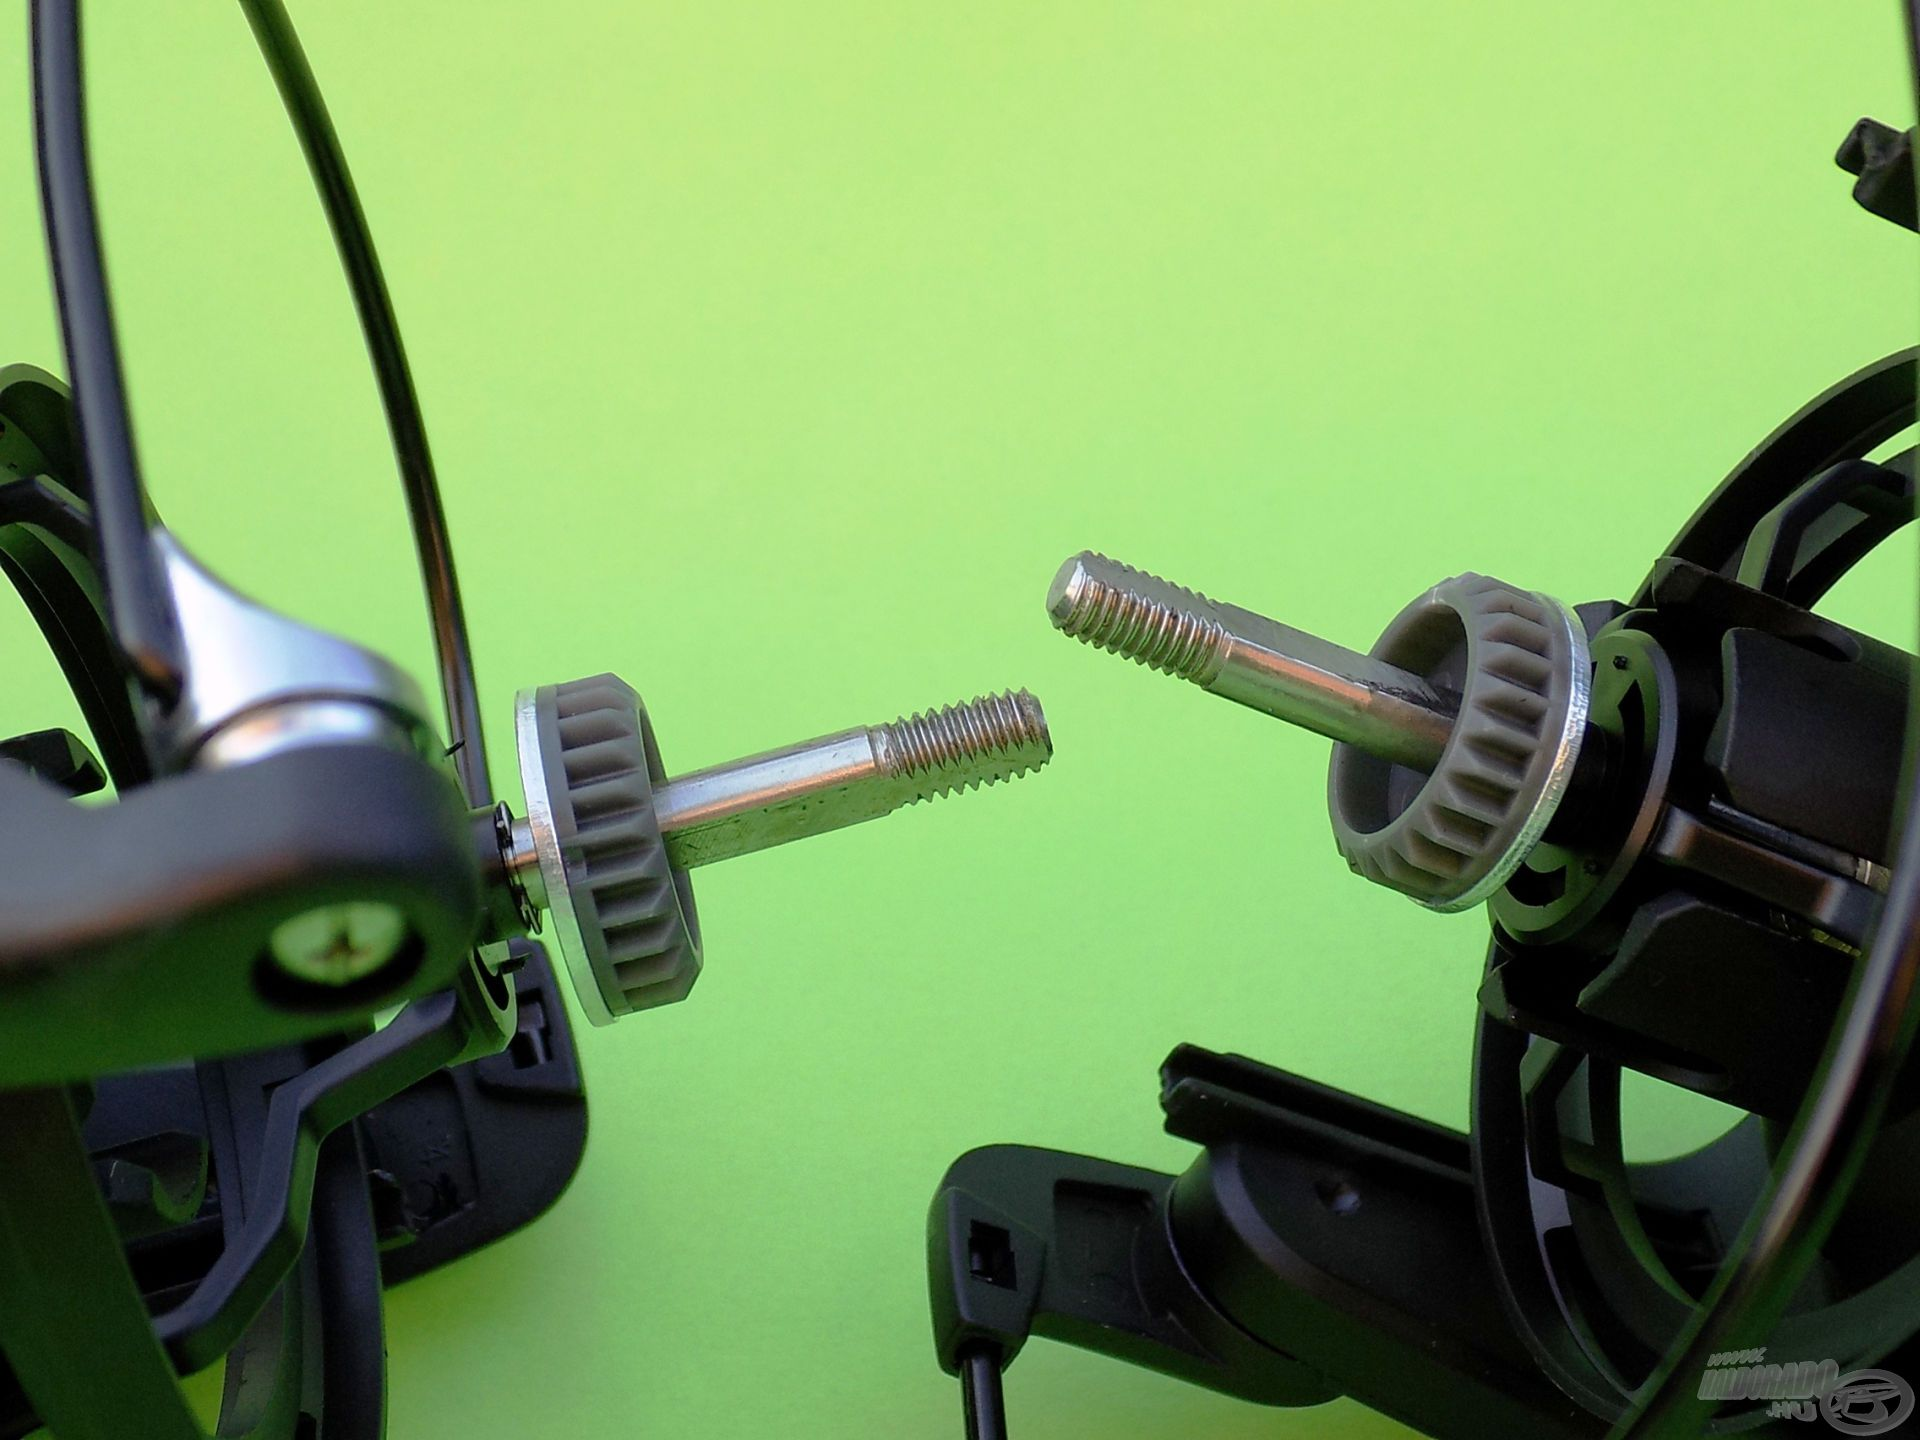 A stabil dob alátámasztásért felelős alkatrész a fület gyönyörködtető fékciripelésről is gondoskodik